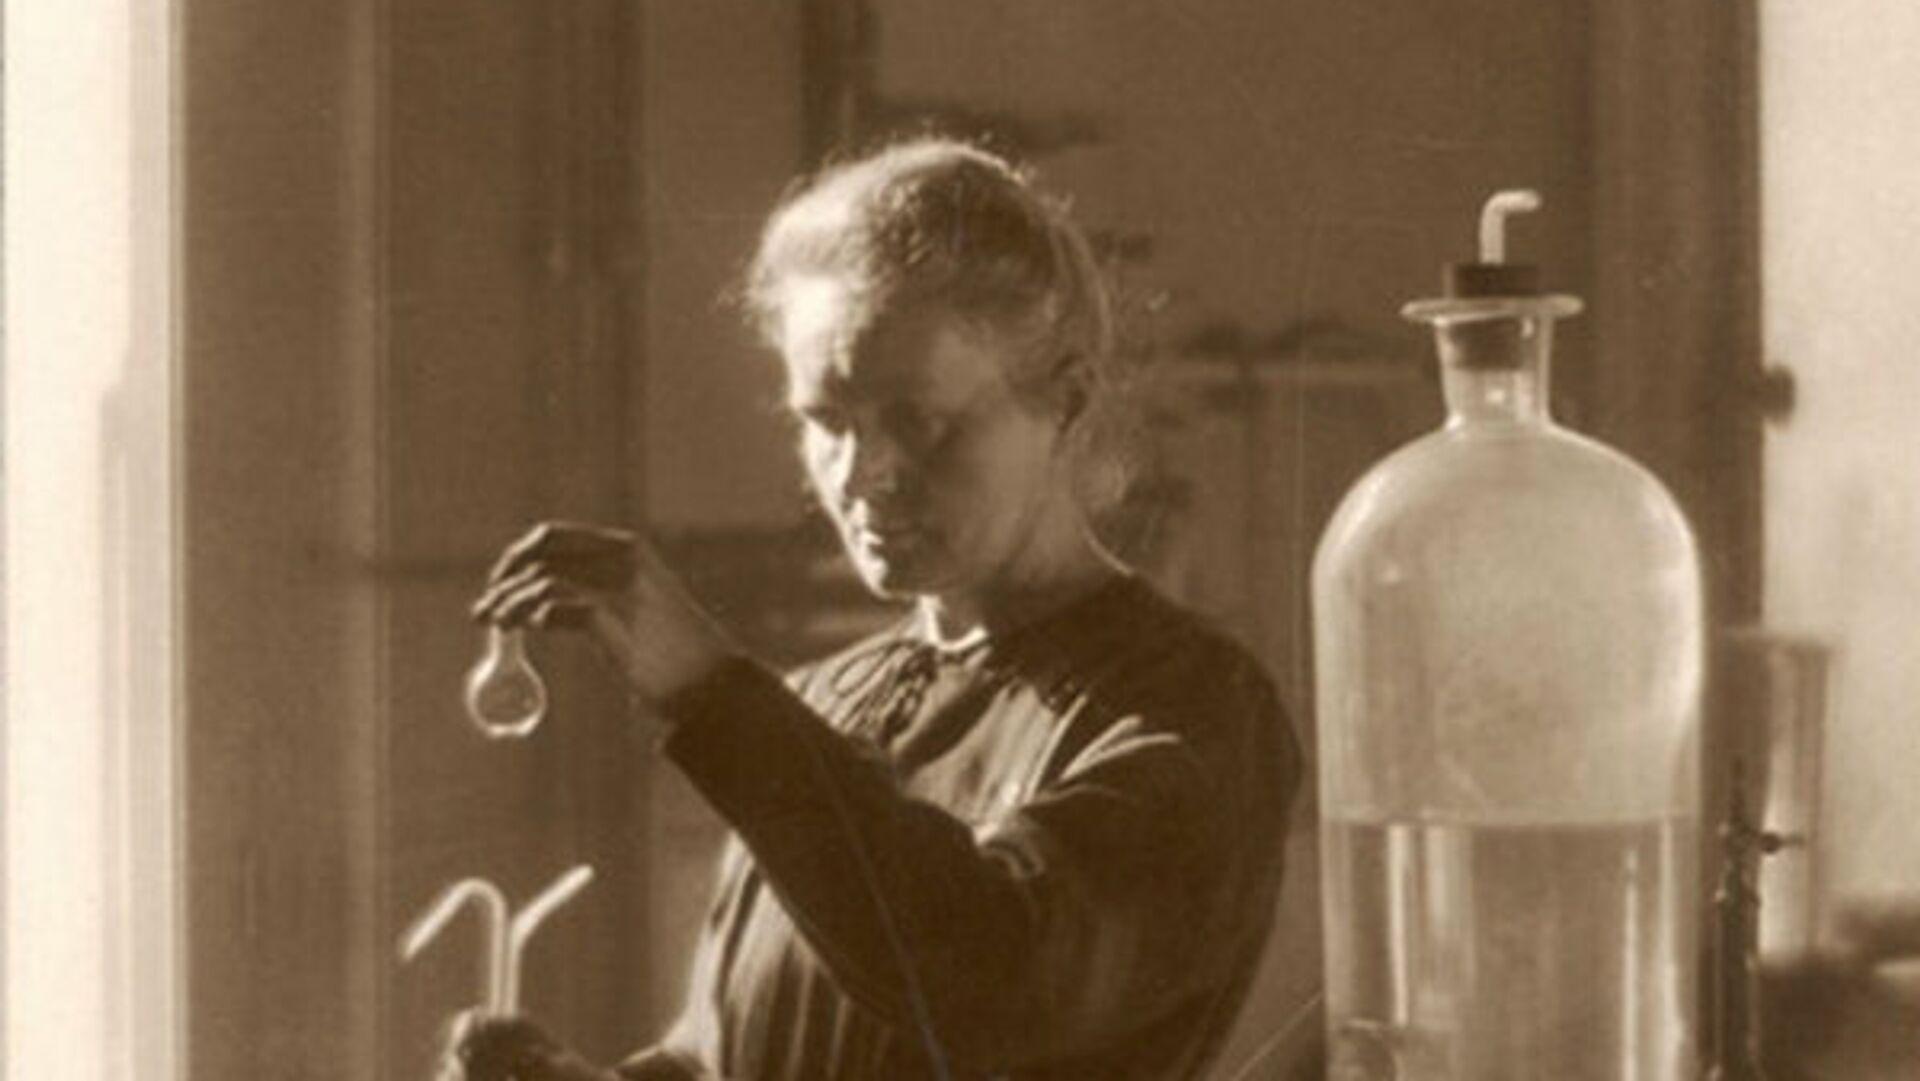 Польский учёный-экспериментатор, педагог, общественный деятель Мари Кюри - РИА Новости, 1920, 07.11.2020